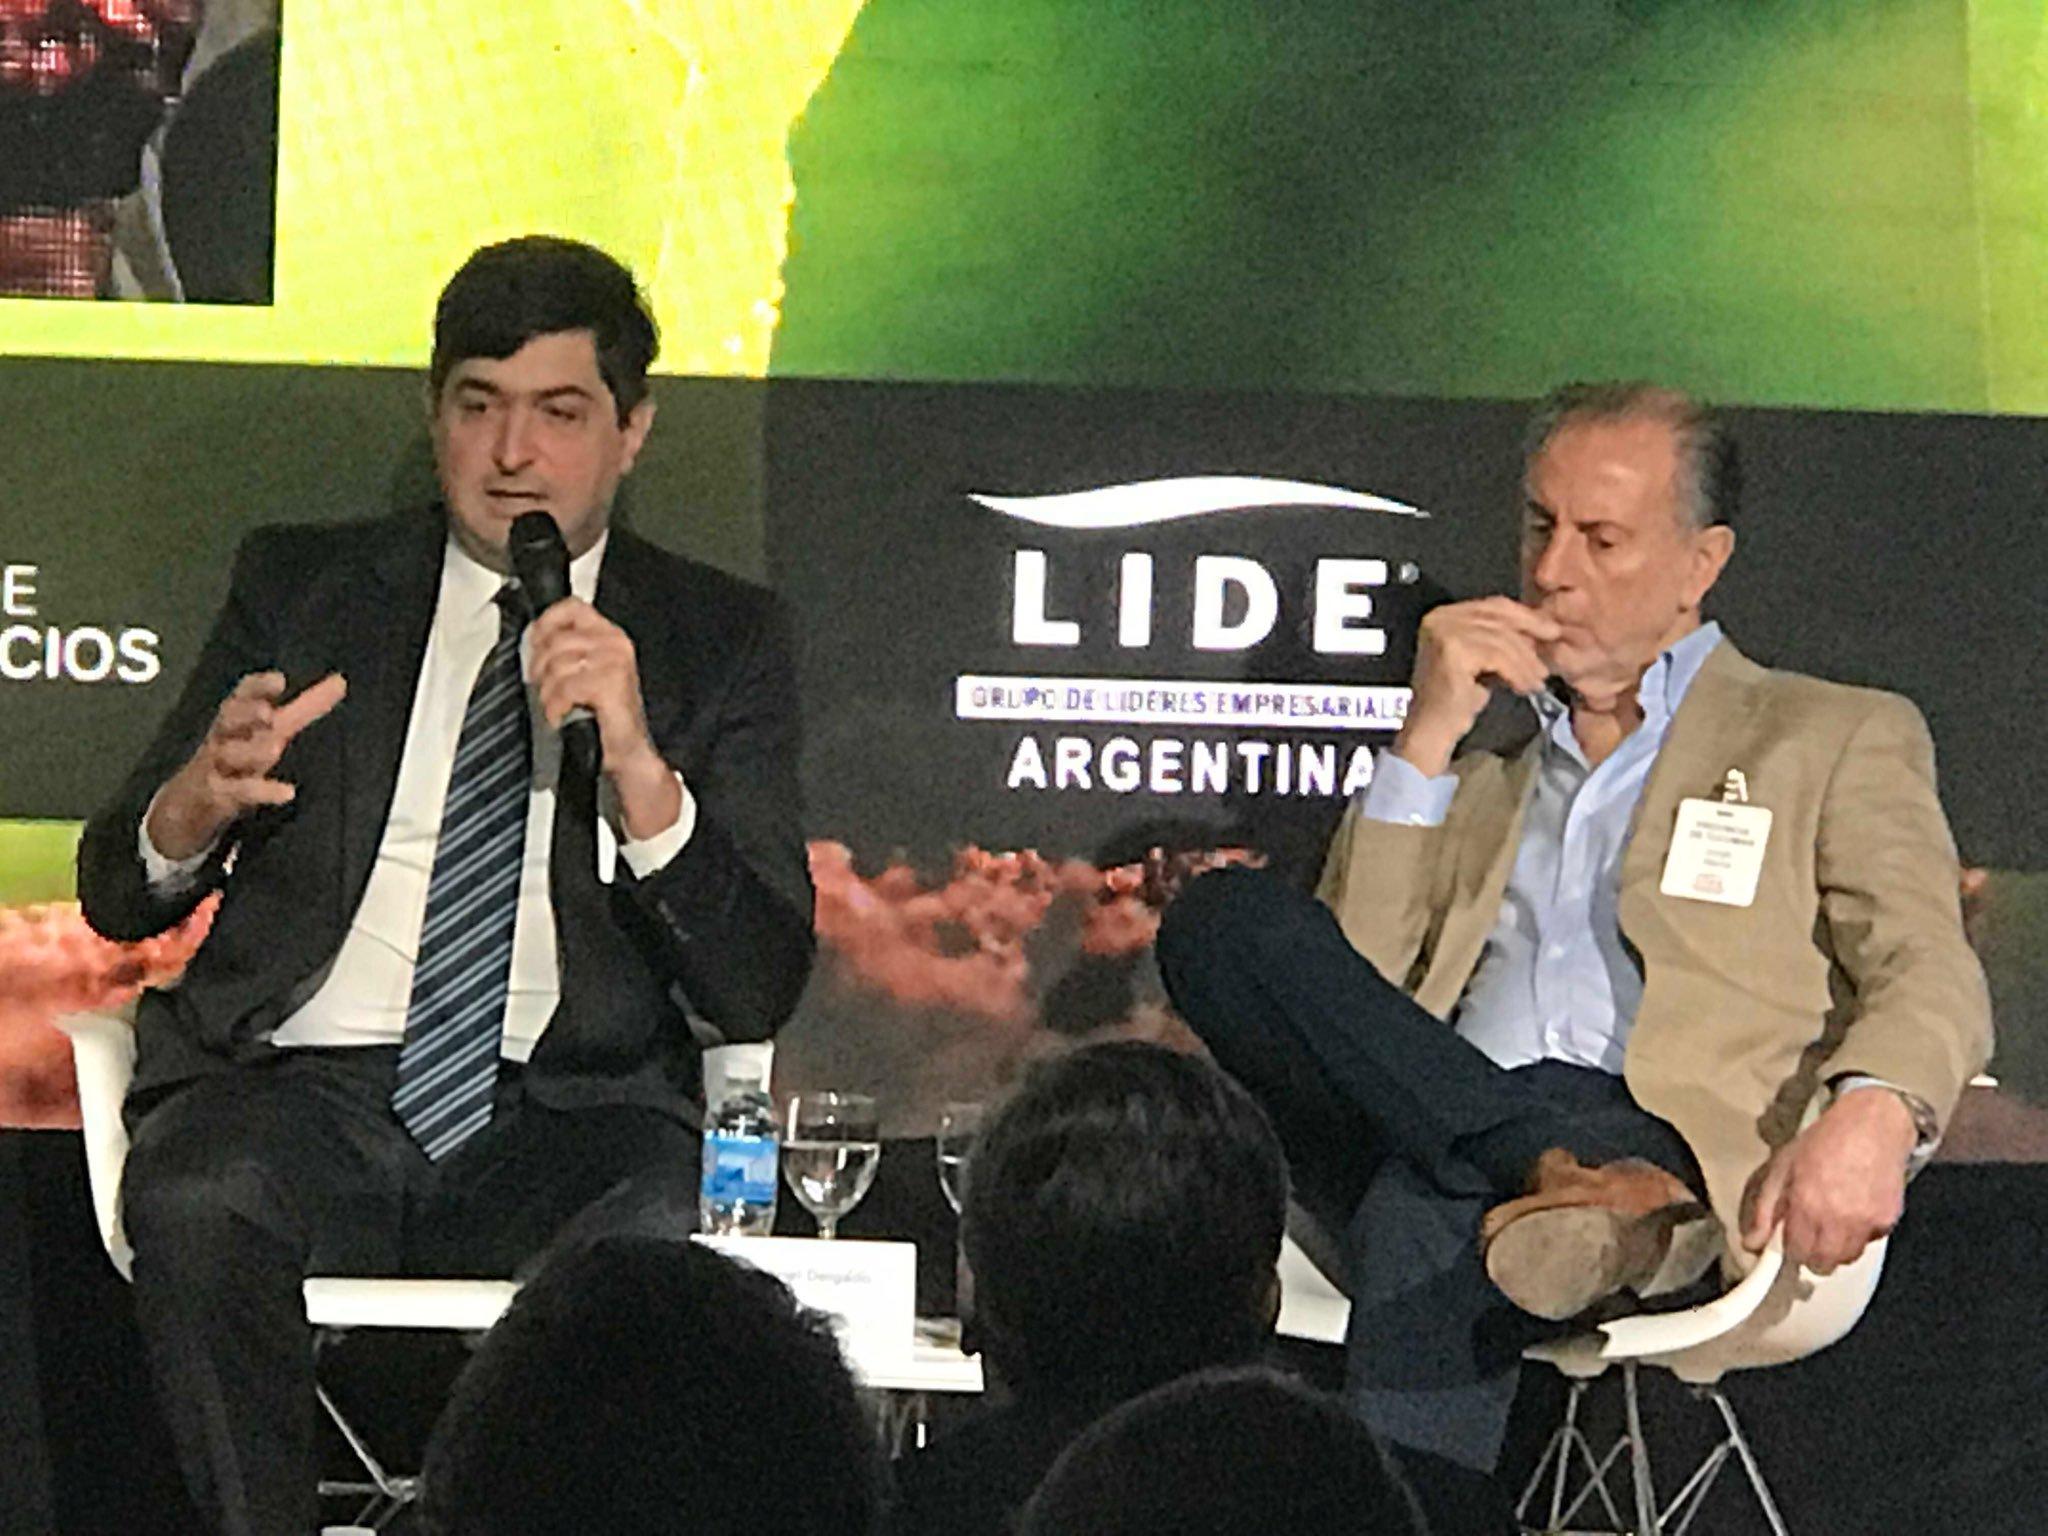 Delgado y Neme destacaron la necesidad de obtener dólares a través de la exportación